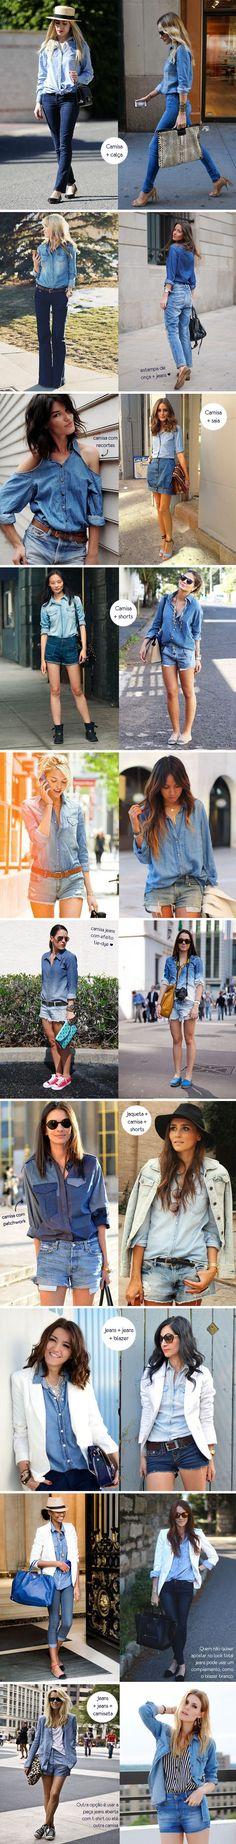 Já pensou em misturar duas peças em jeans no mesmo look? Esse é o assunto de hoje. Inspire-se na seleção de produções lindas com total jeans.